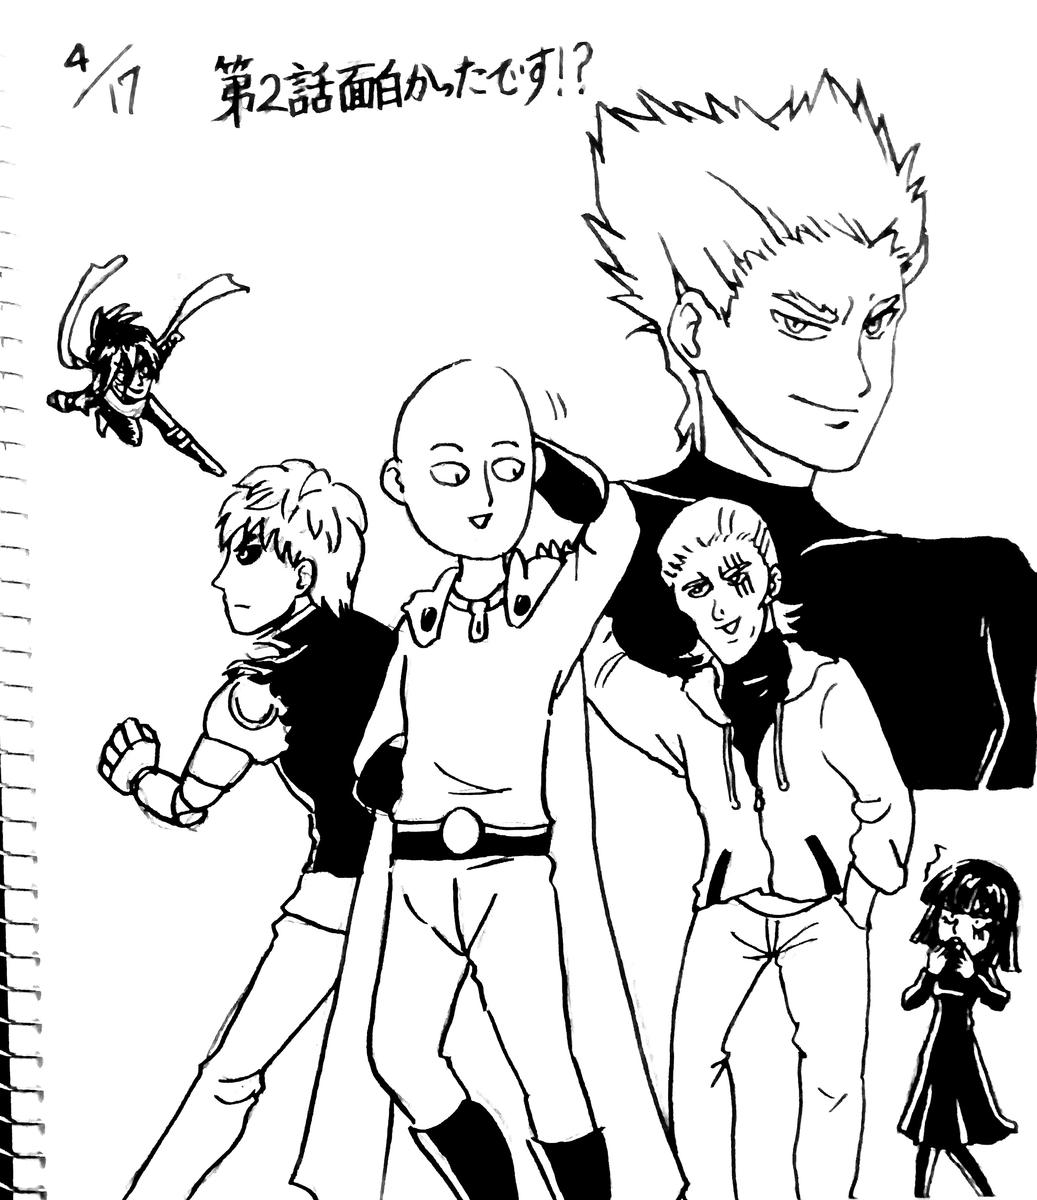 ワンパンマンのキャラクターたち。